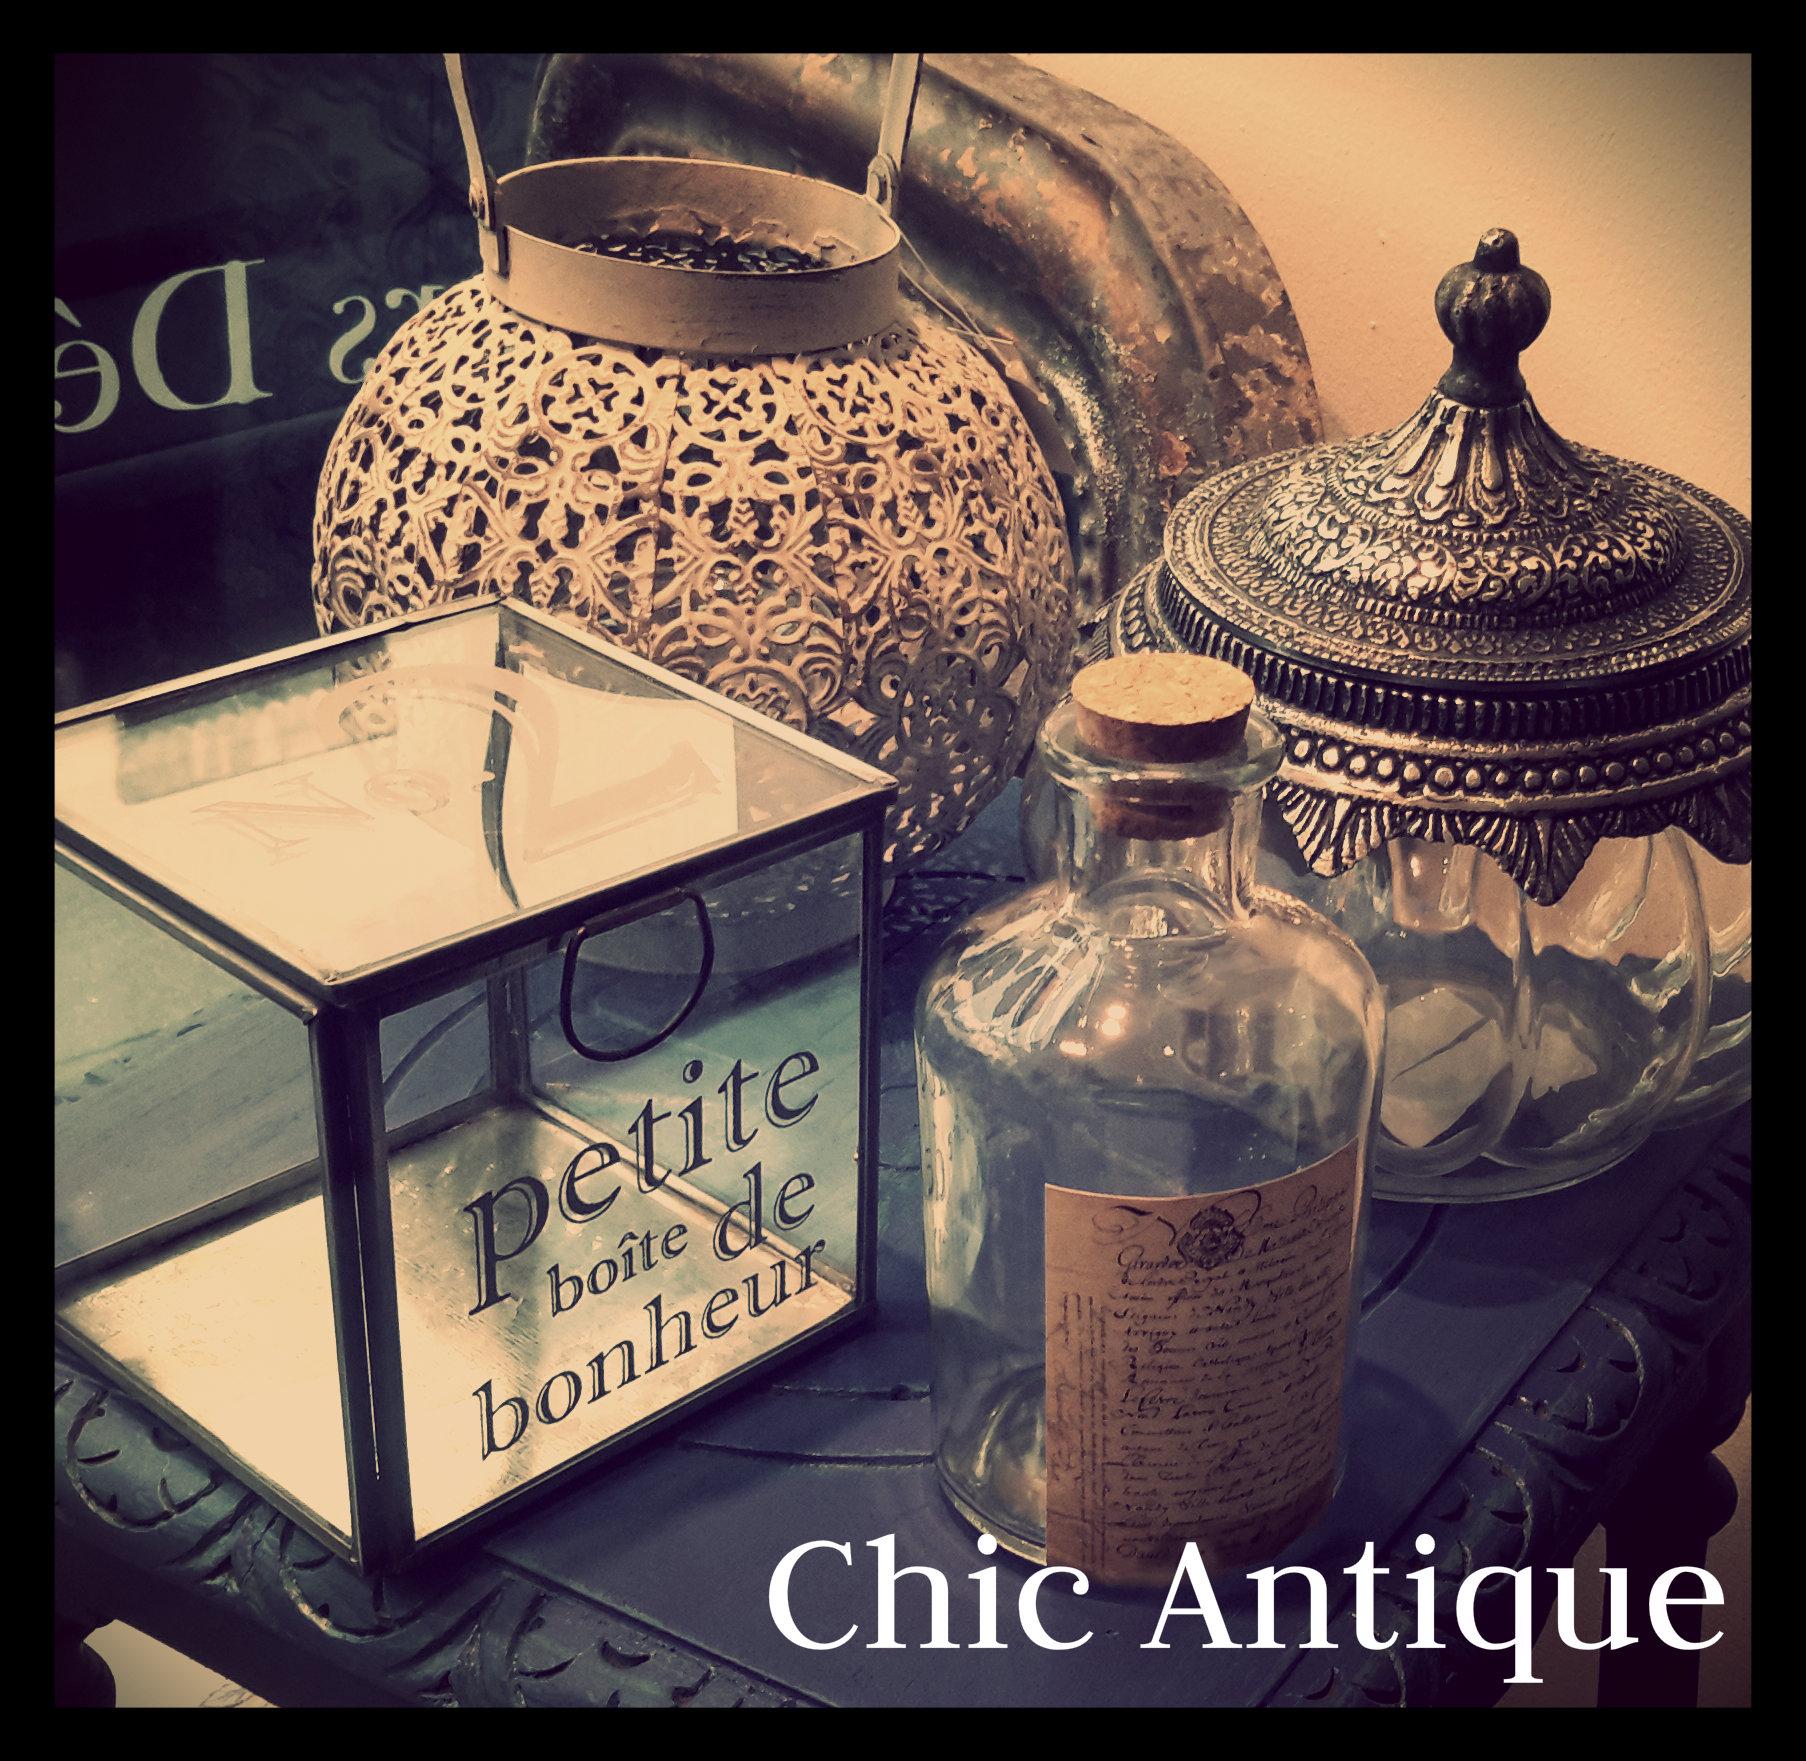 fournisseurs chic antique sur lyon